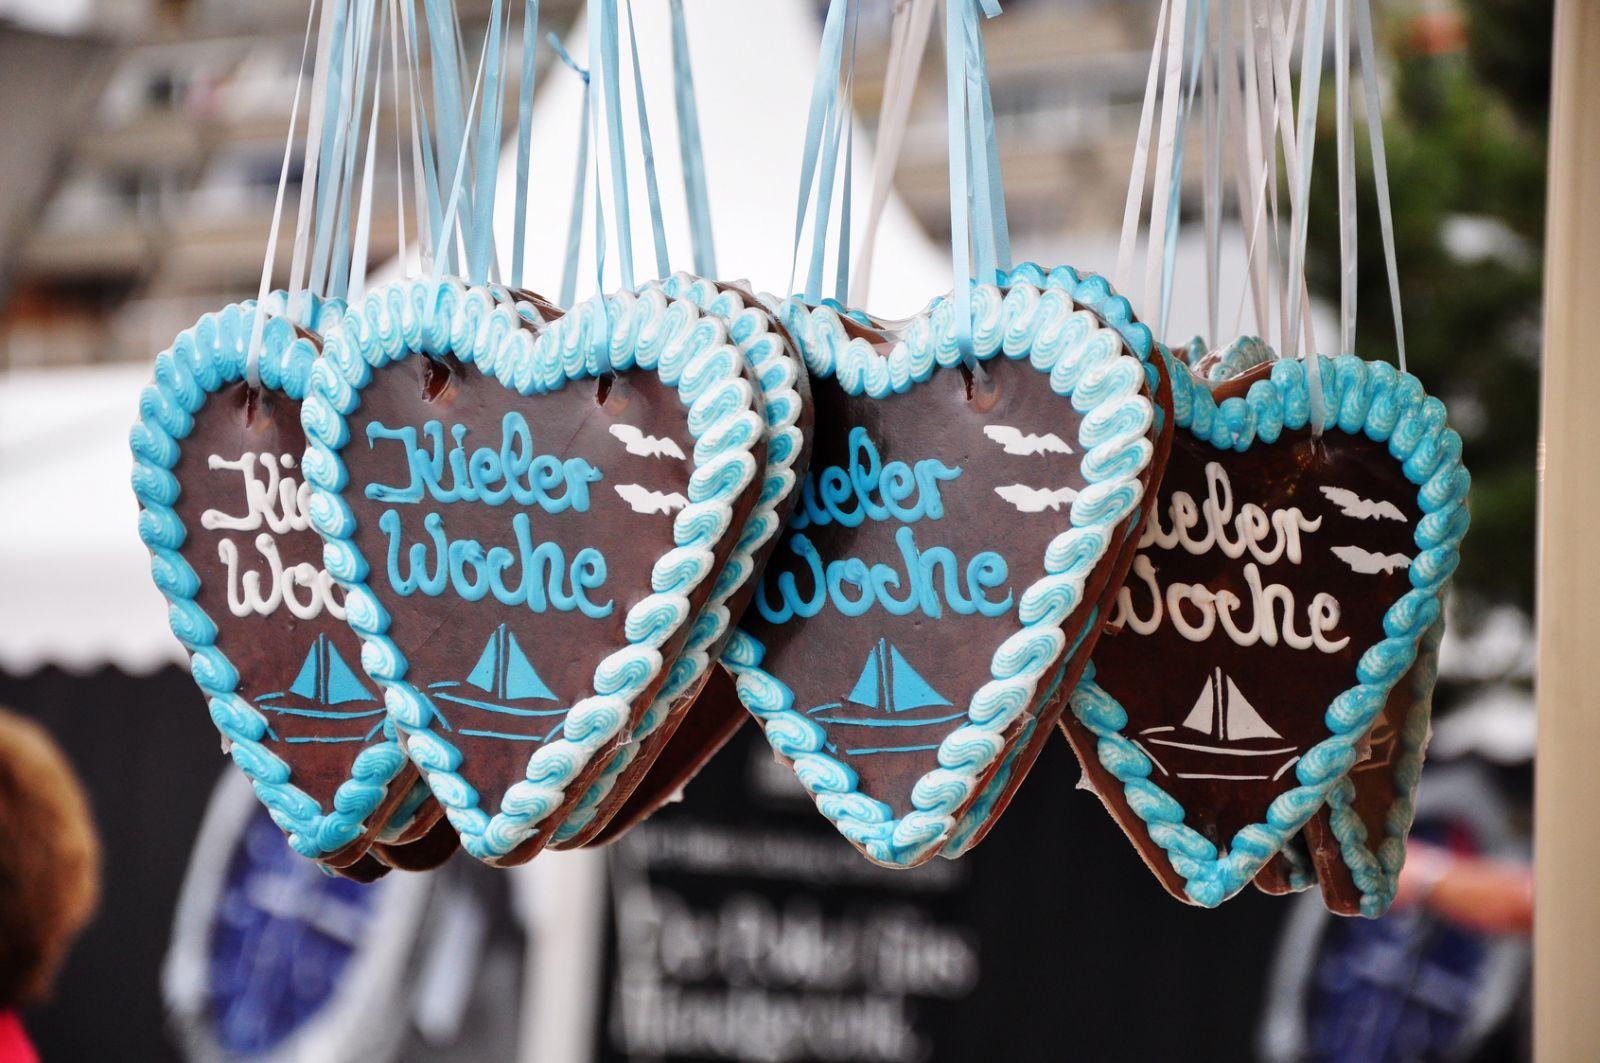 Ab Mai beginnt die Hafenfestsaison mit Programmen, Konzerten und Jahrmärkten. ©Marco2811/AdobeStock